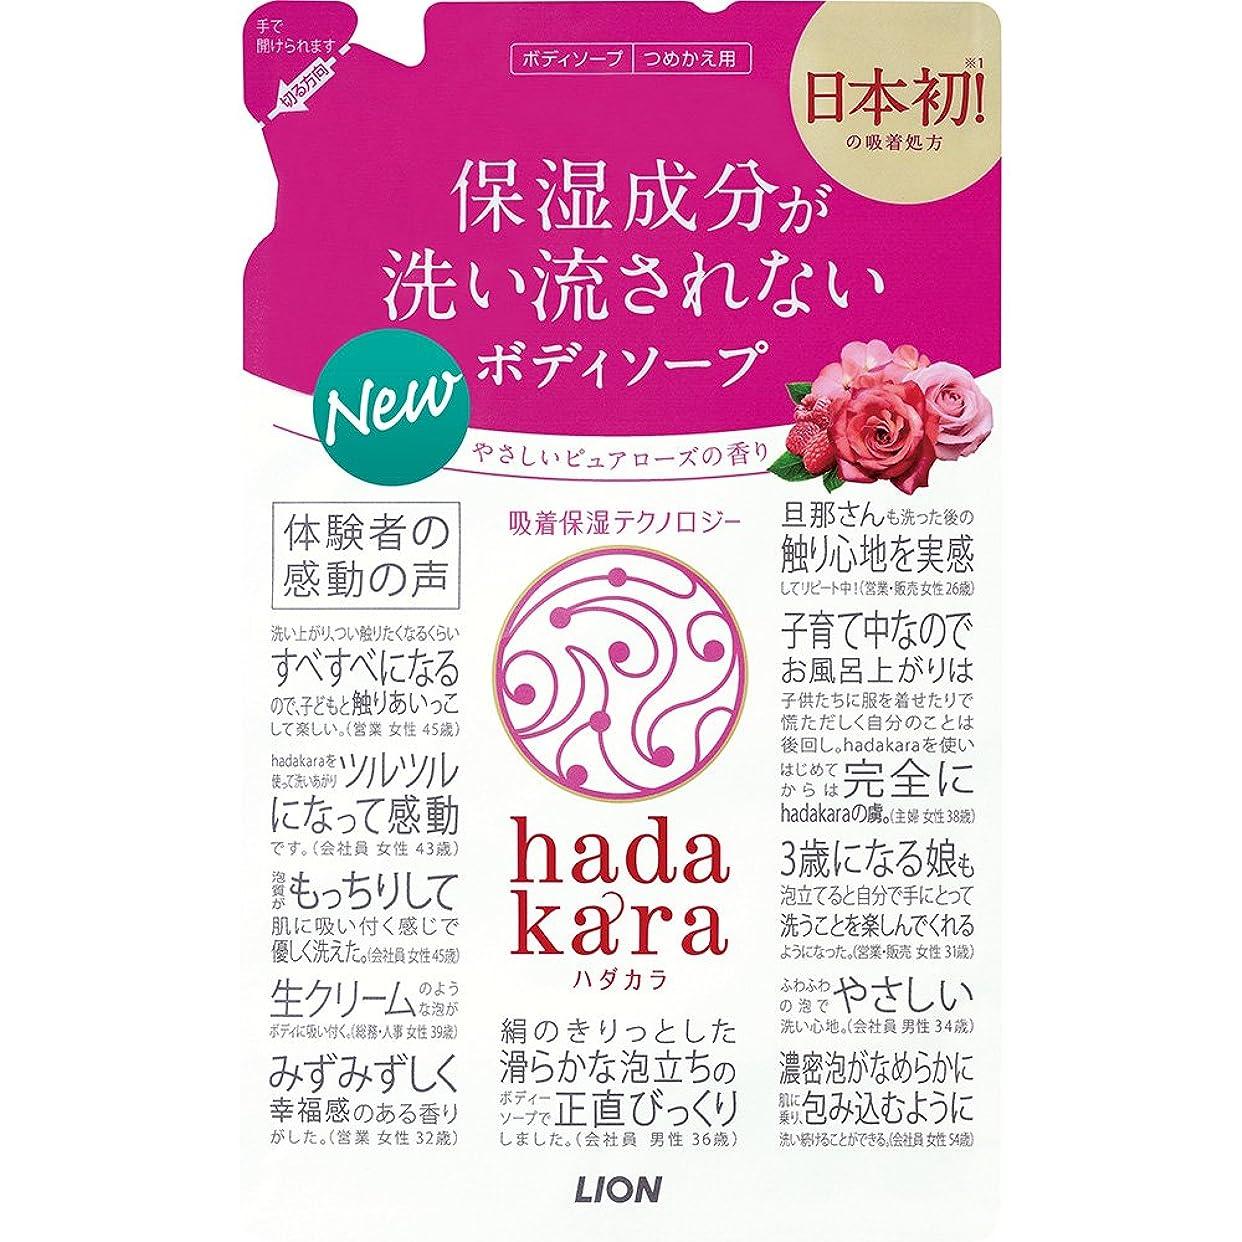 禁じる宣言する晴れhadakara(ハダカラ) ボディソープ ピュアローズの香り 詰め替え 360ml